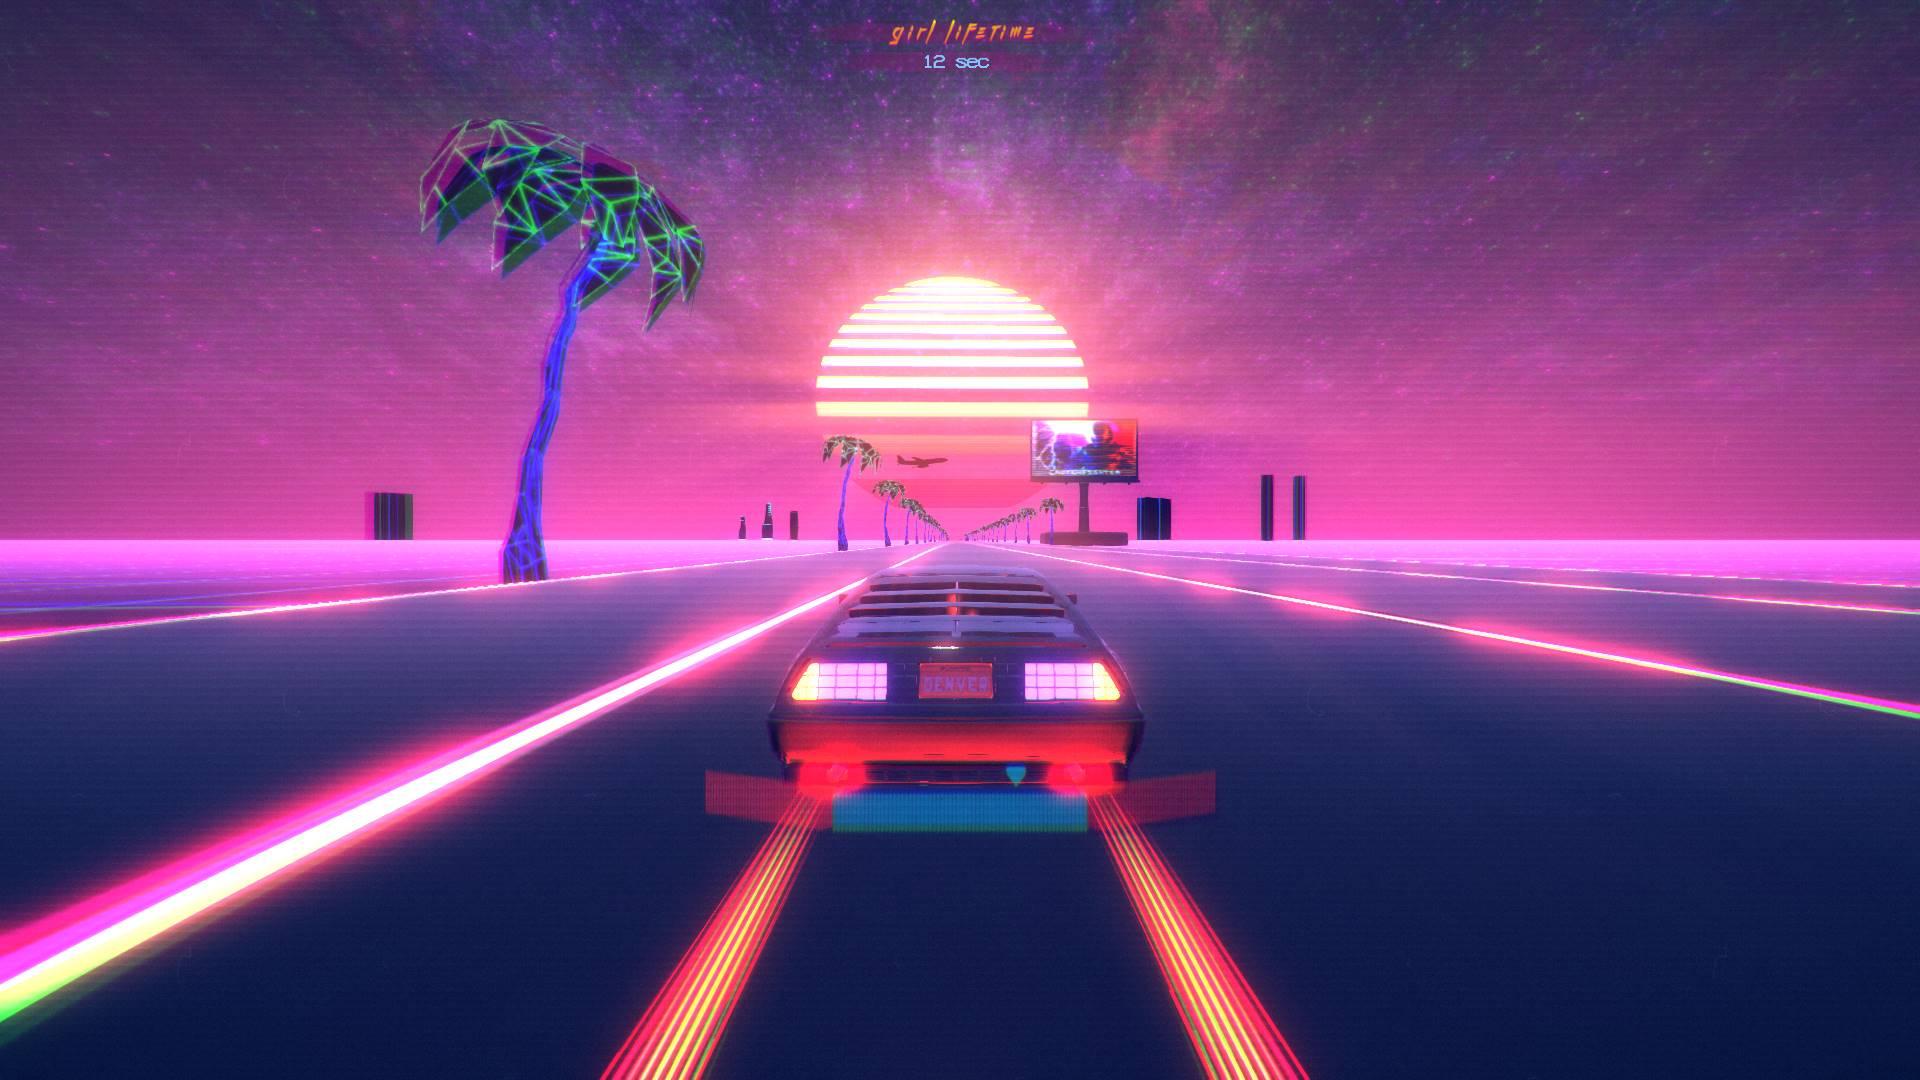 Neon Music Drifting Car Game